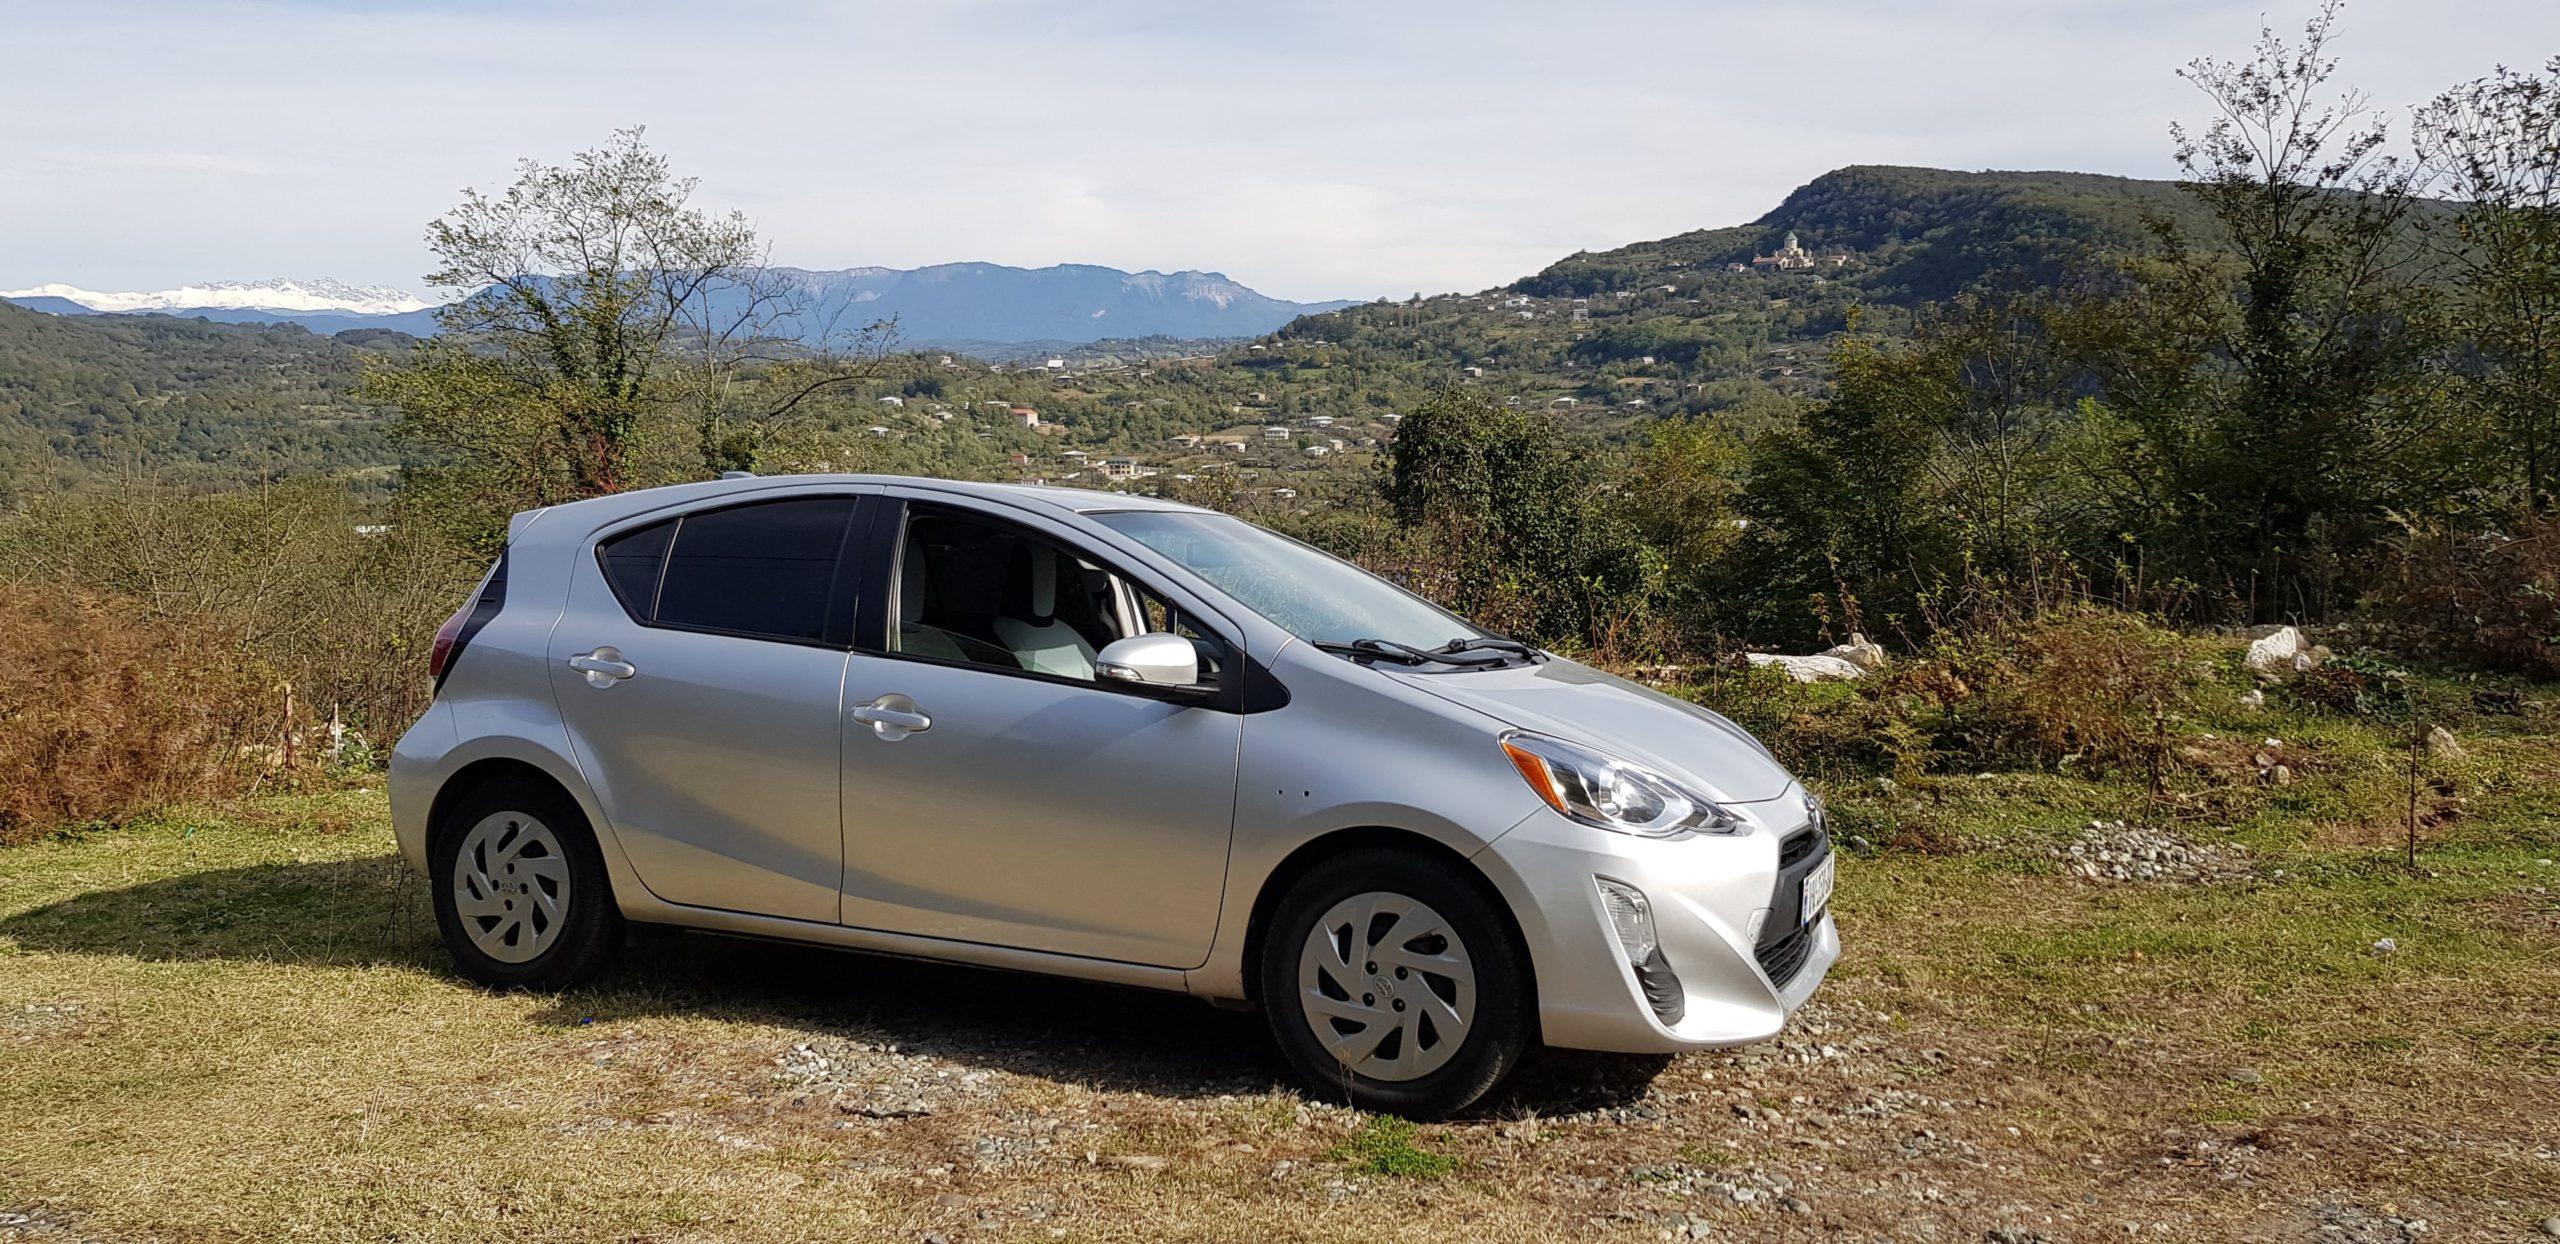 Hire a car in Georgia